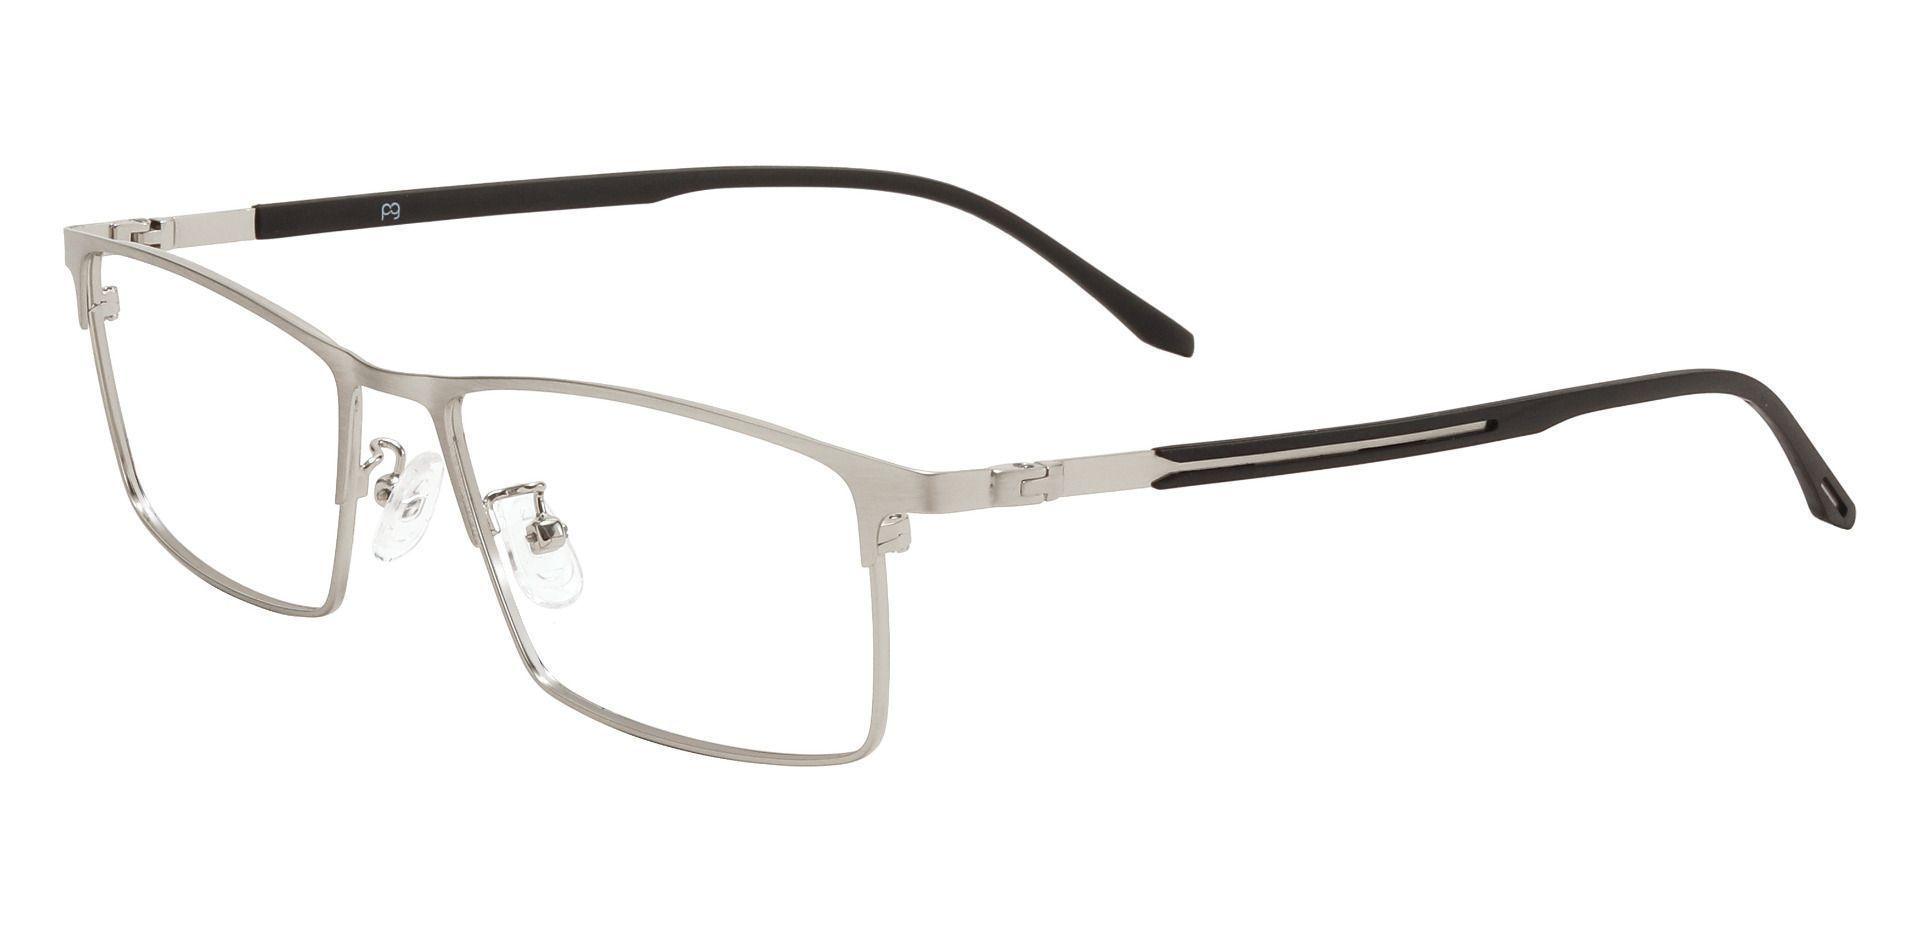 Regis Rectangle Prescription Glasses - Silver